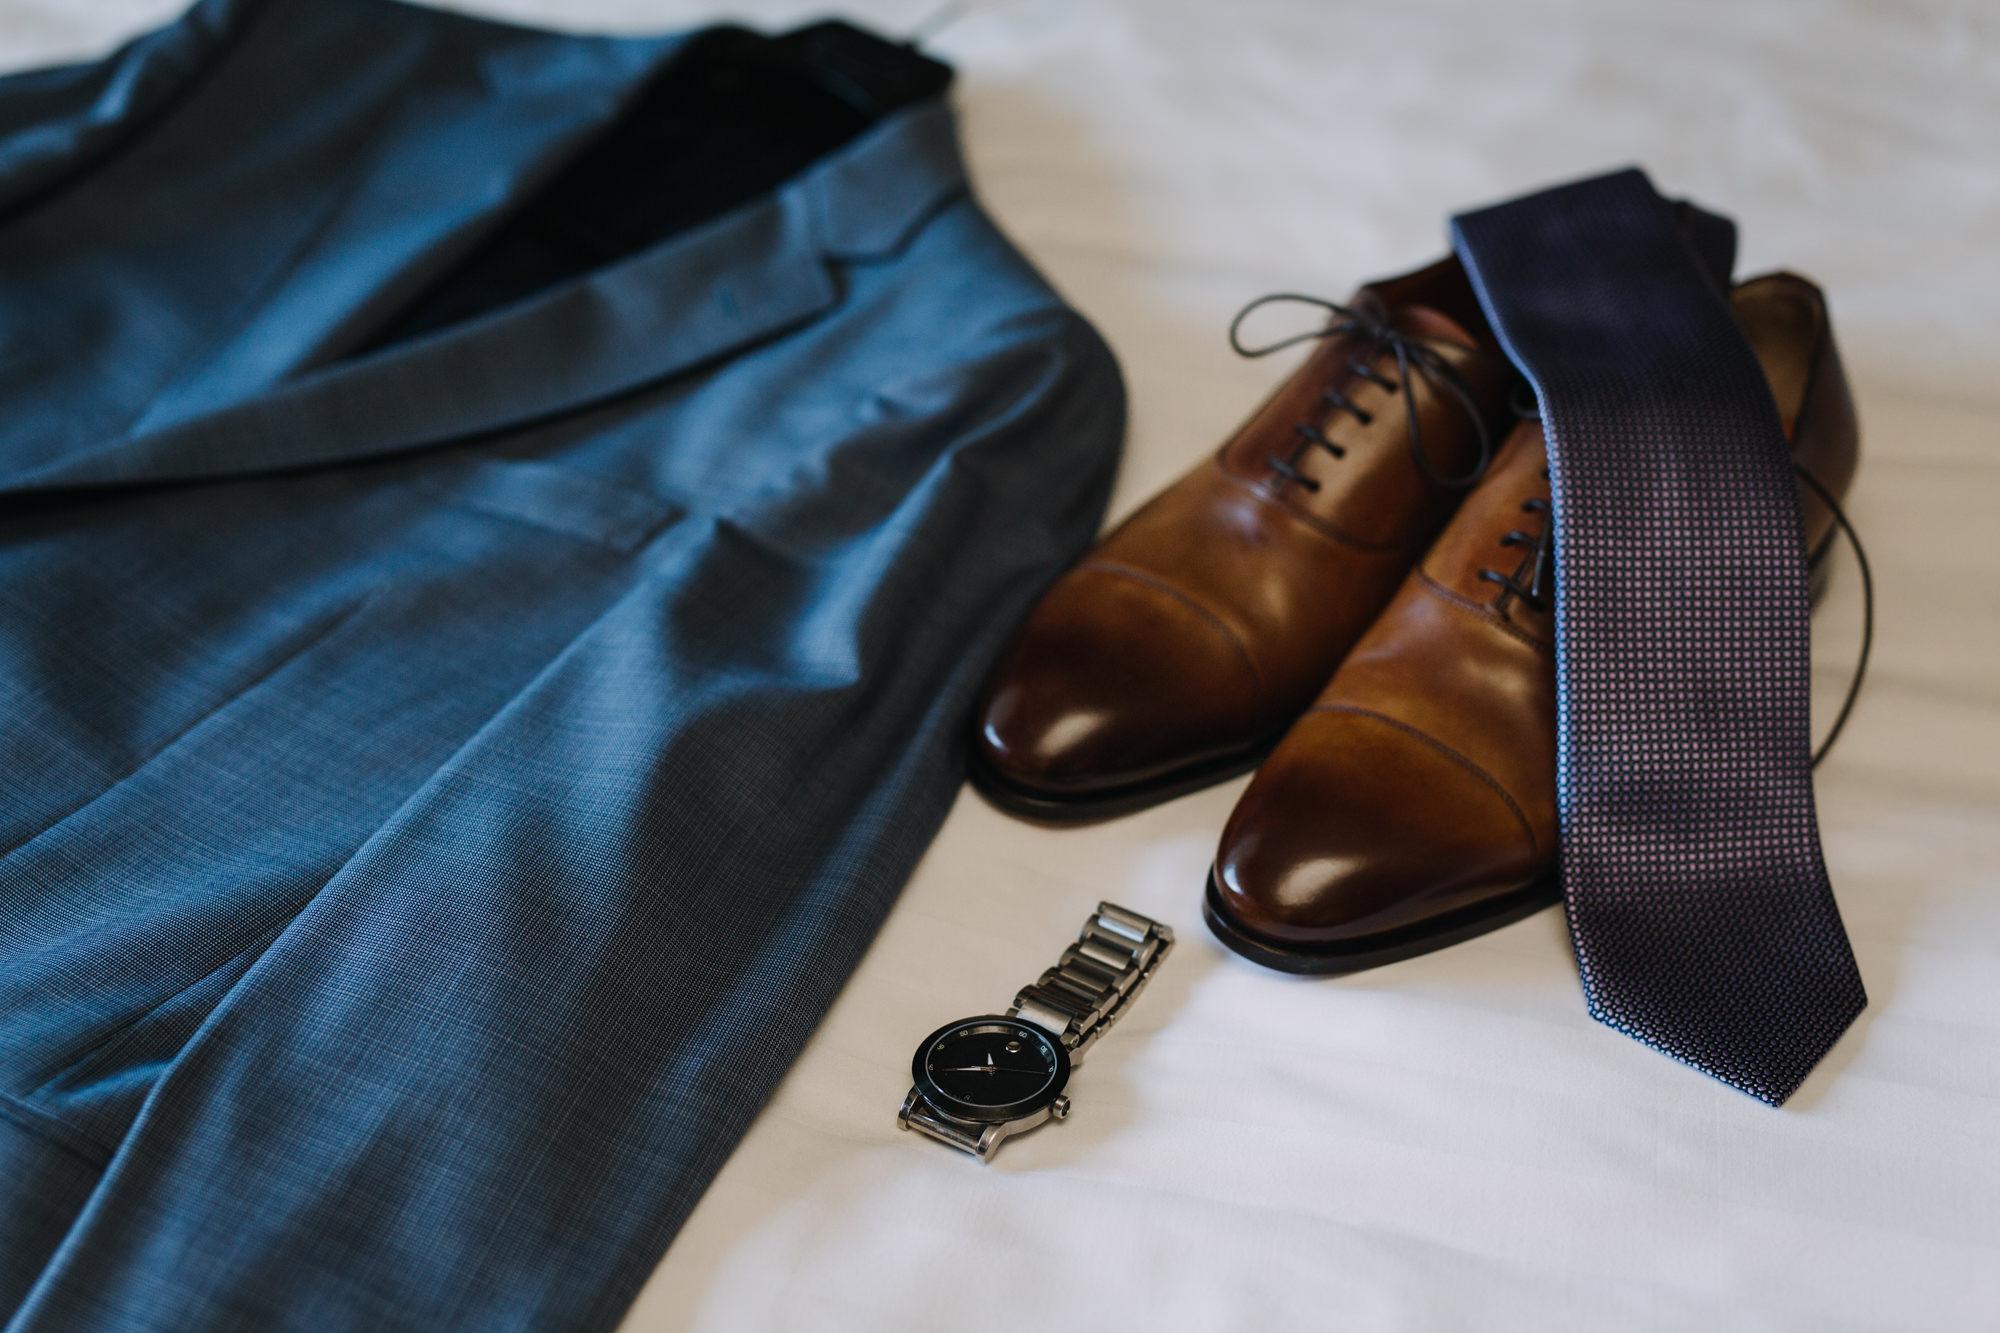 Groom's wedding accessories - jacket, shoes, watch, tie